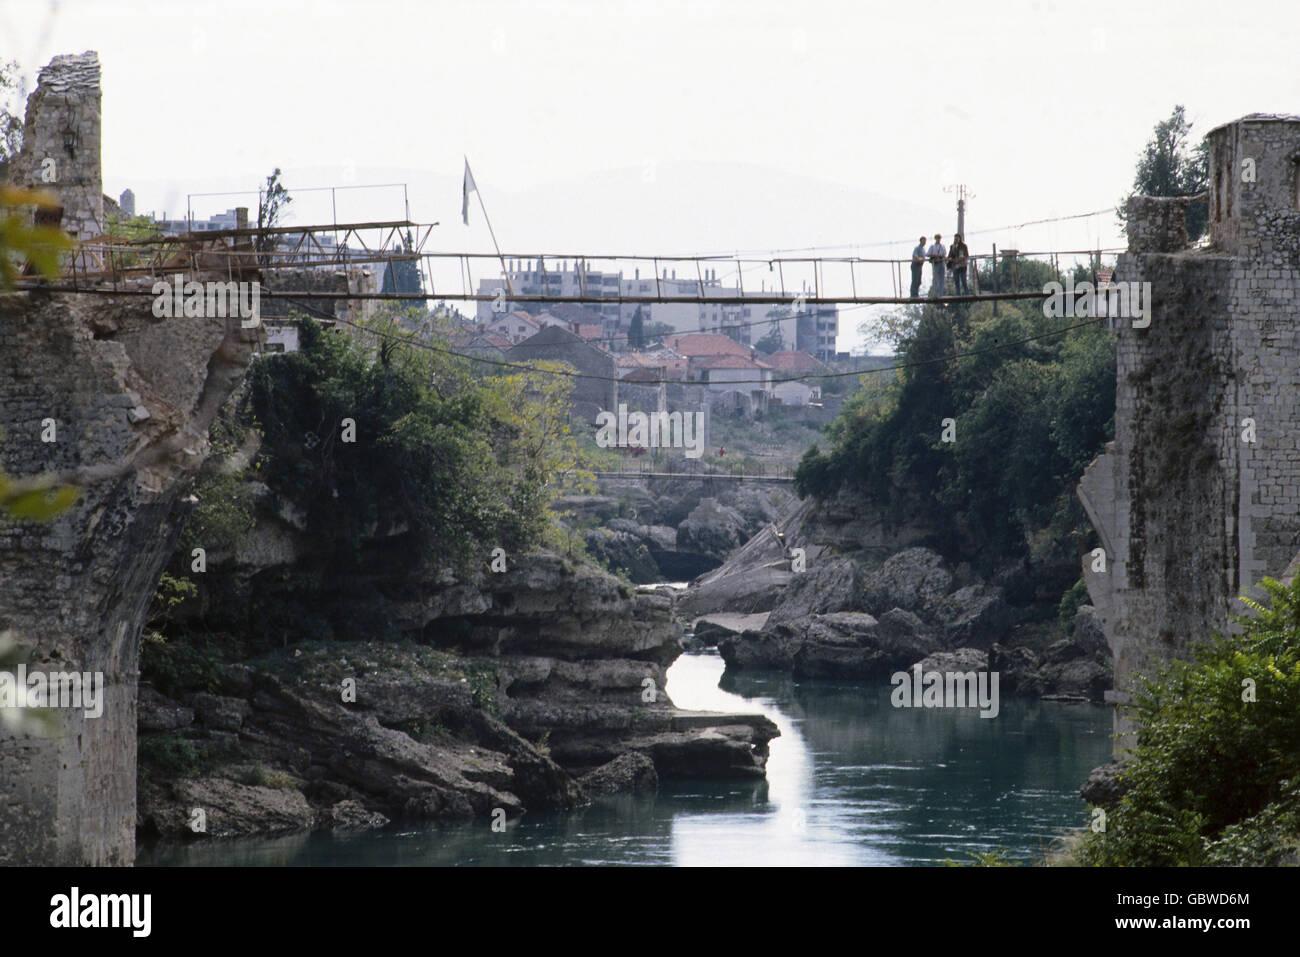 Events Bosnian War 1992